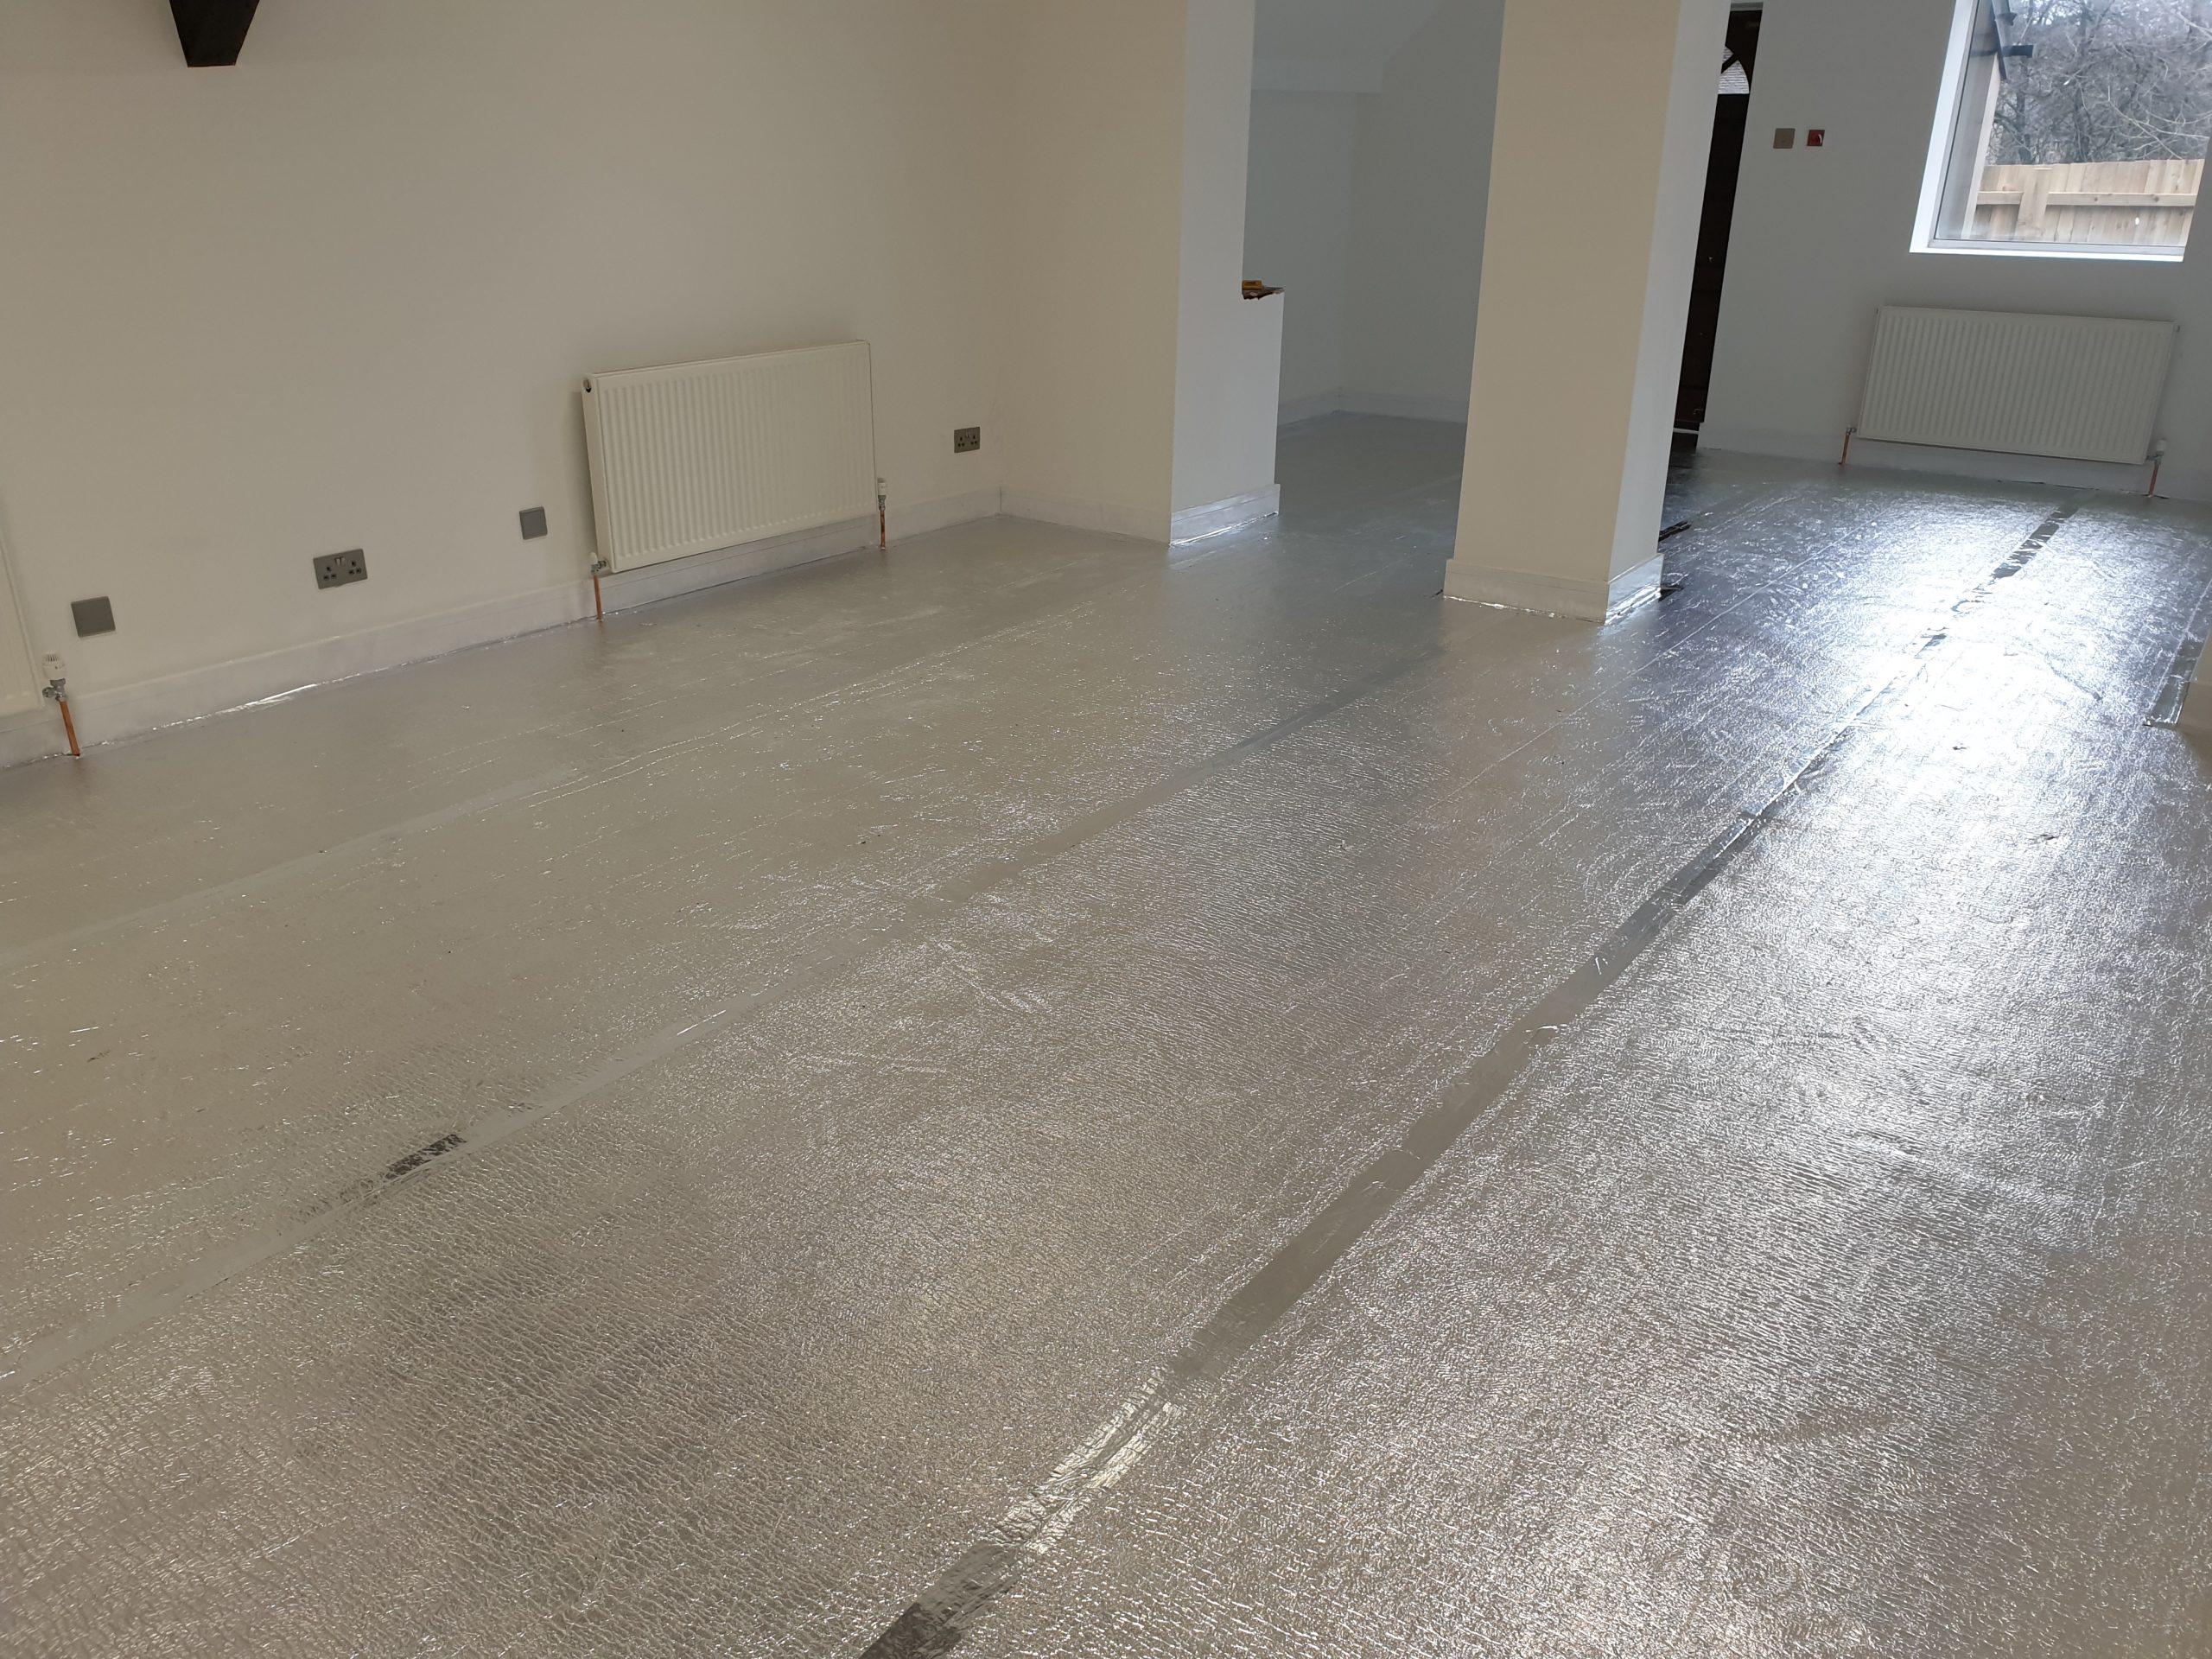 showing EcoTek Floor Foam installed